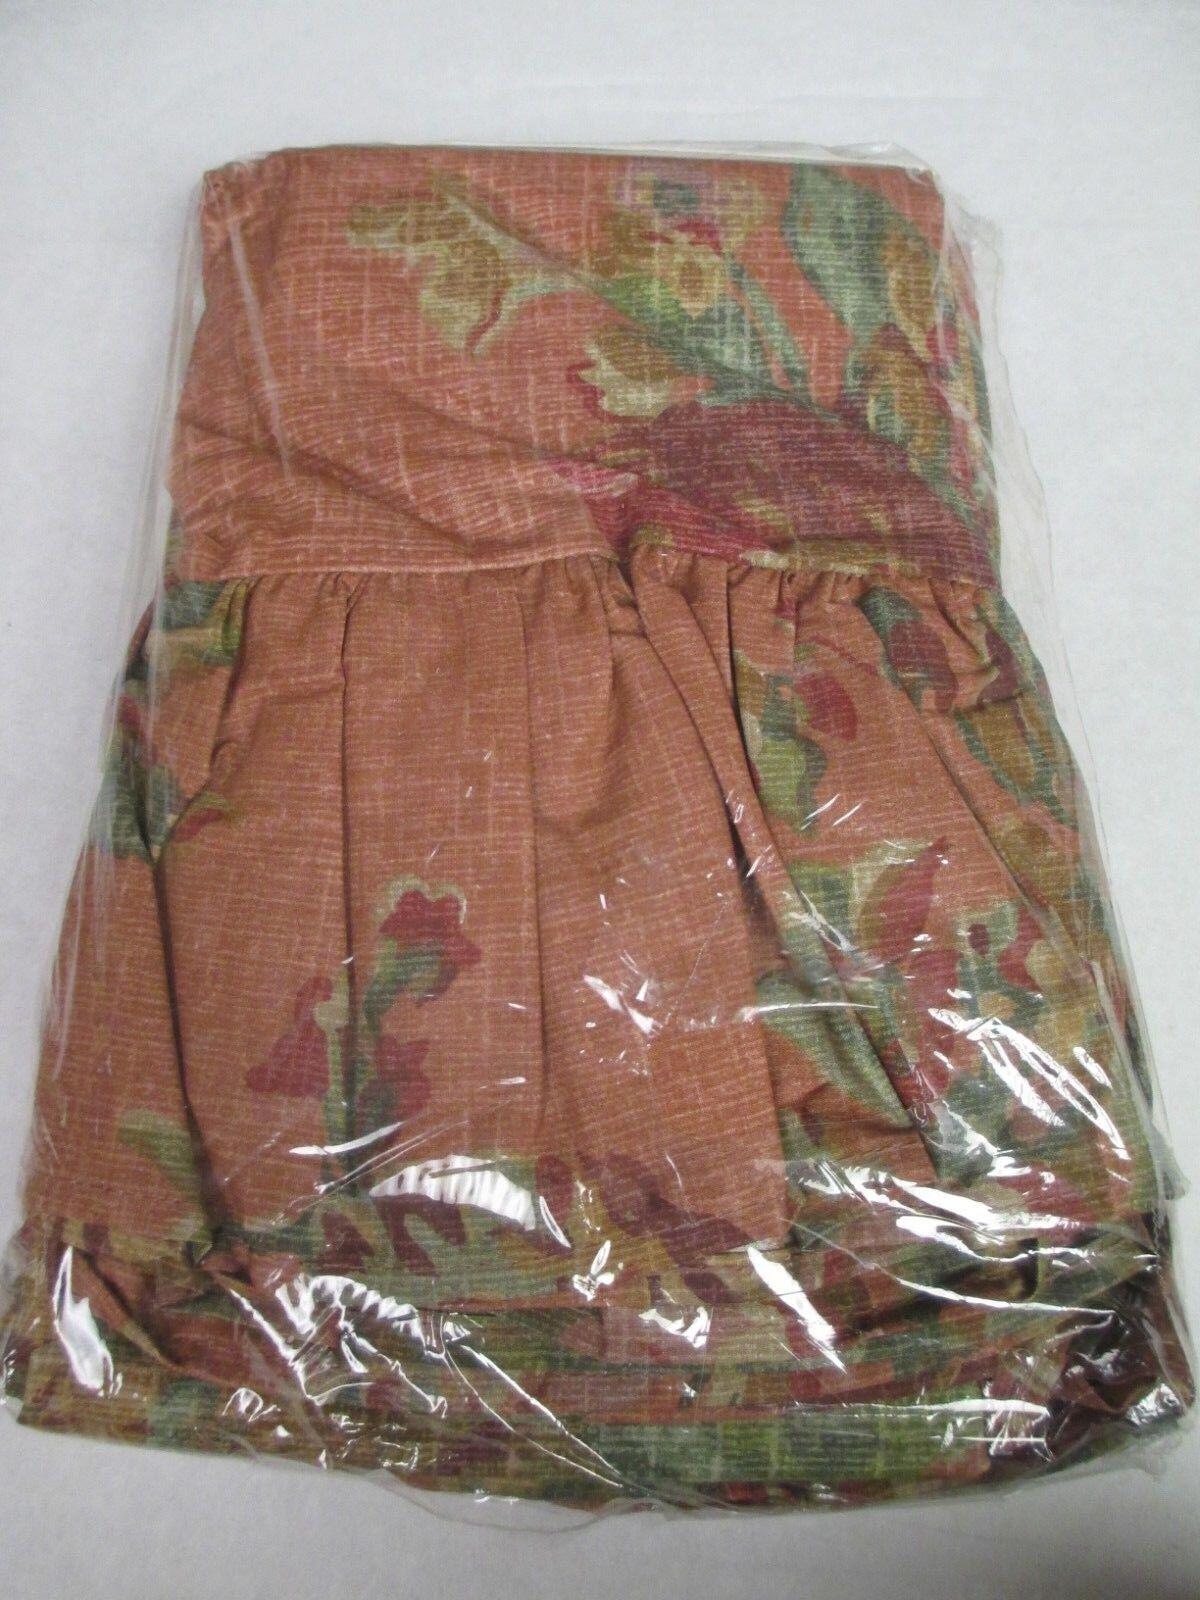 Ralph Lauren MAURA Floral 2 Ruffled Standard Pillowcases (Irregular)